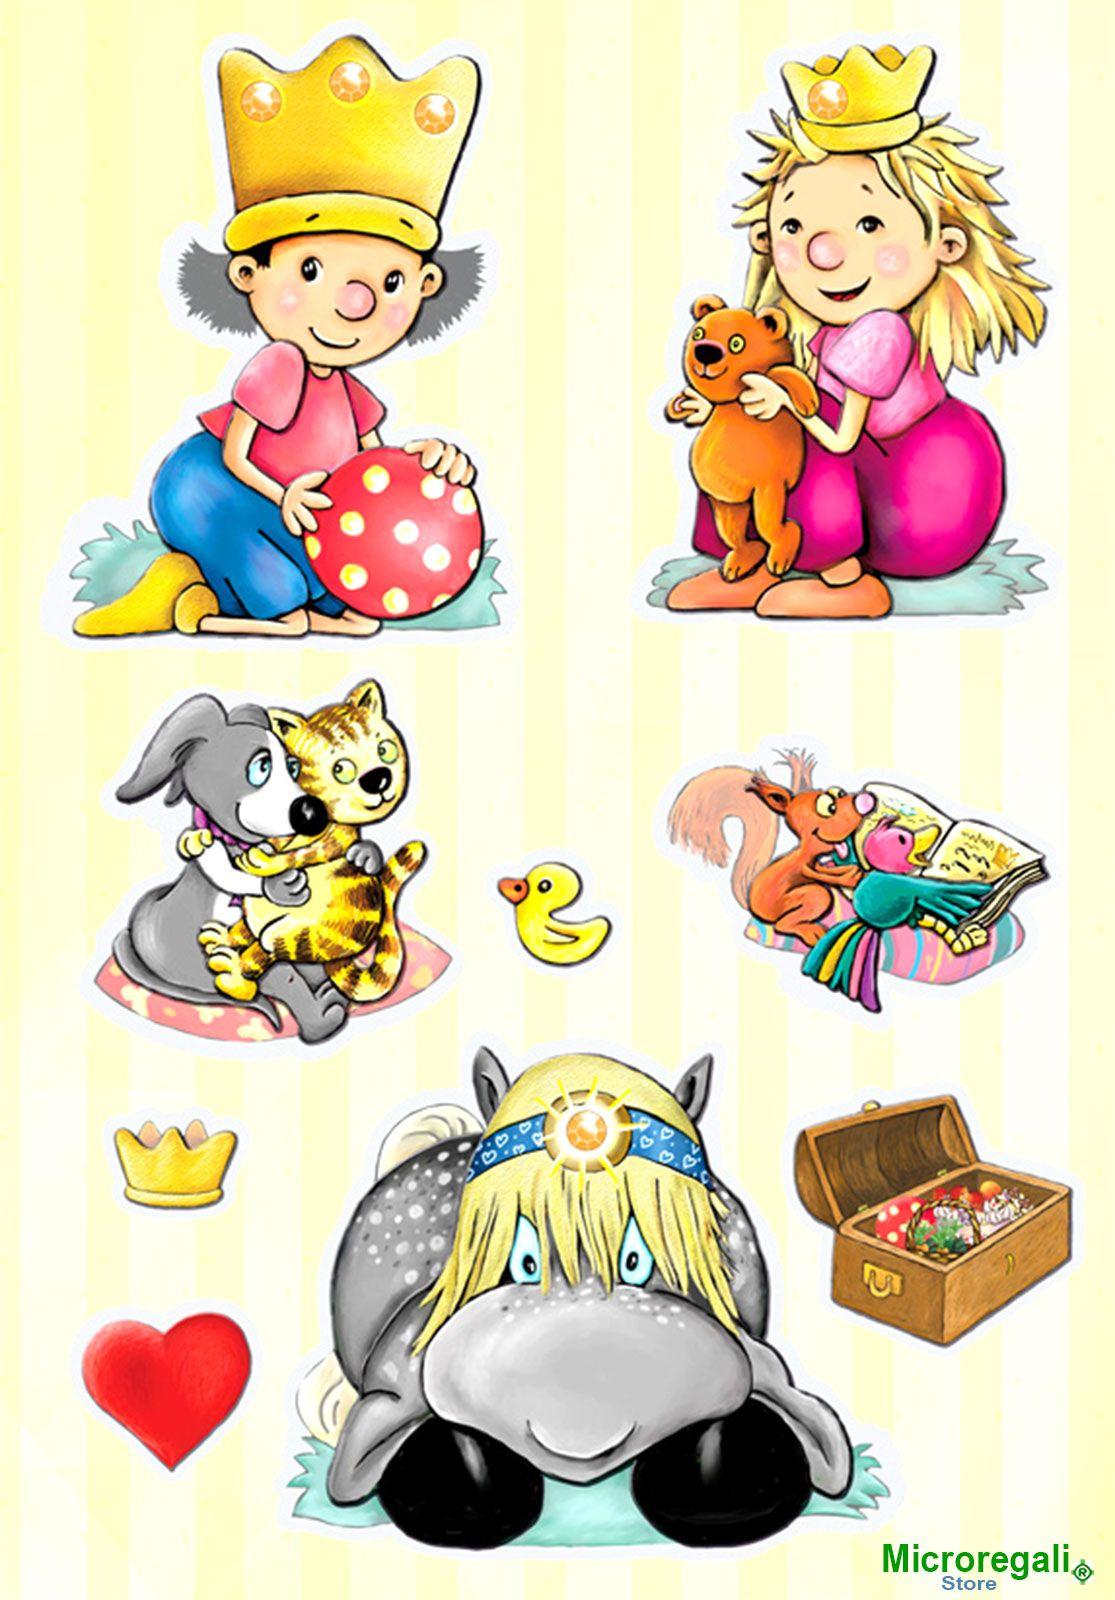 Adesivi murali 3d personaggi fiabe cm 30 5 x 30 5 per for Adesivi murali 3d